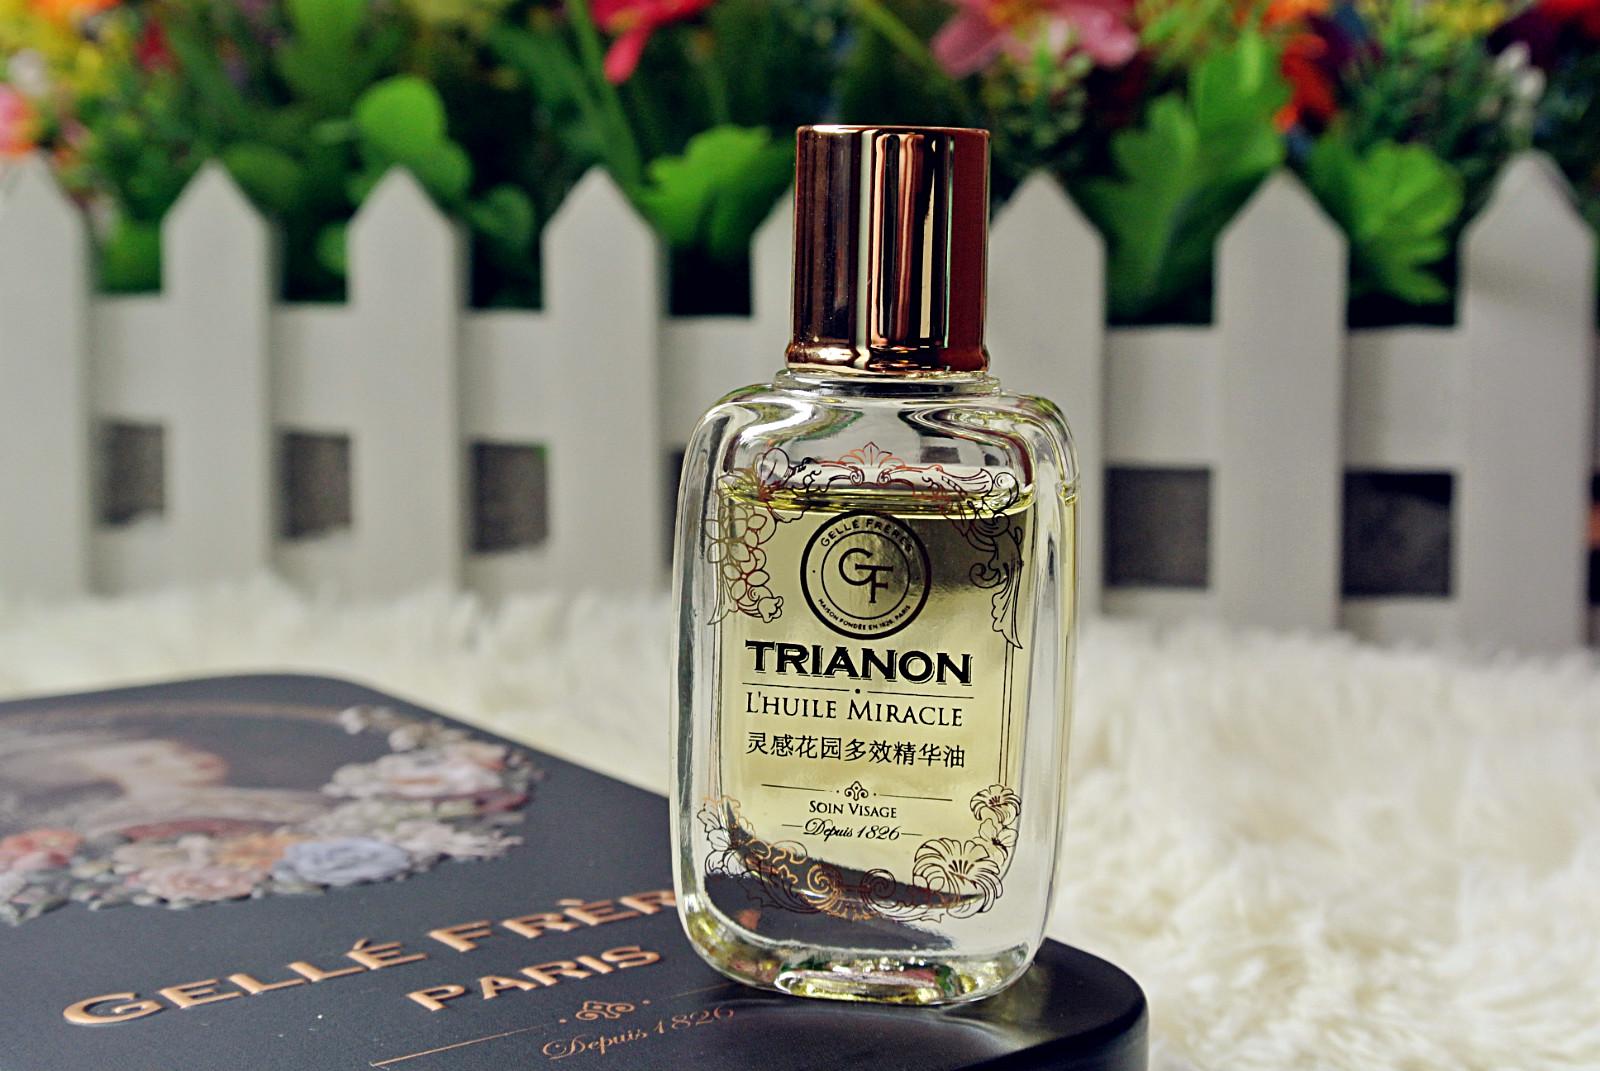 有没有觉得这款护肤精油的瓶子设计很有香水瓶的感觉呢!